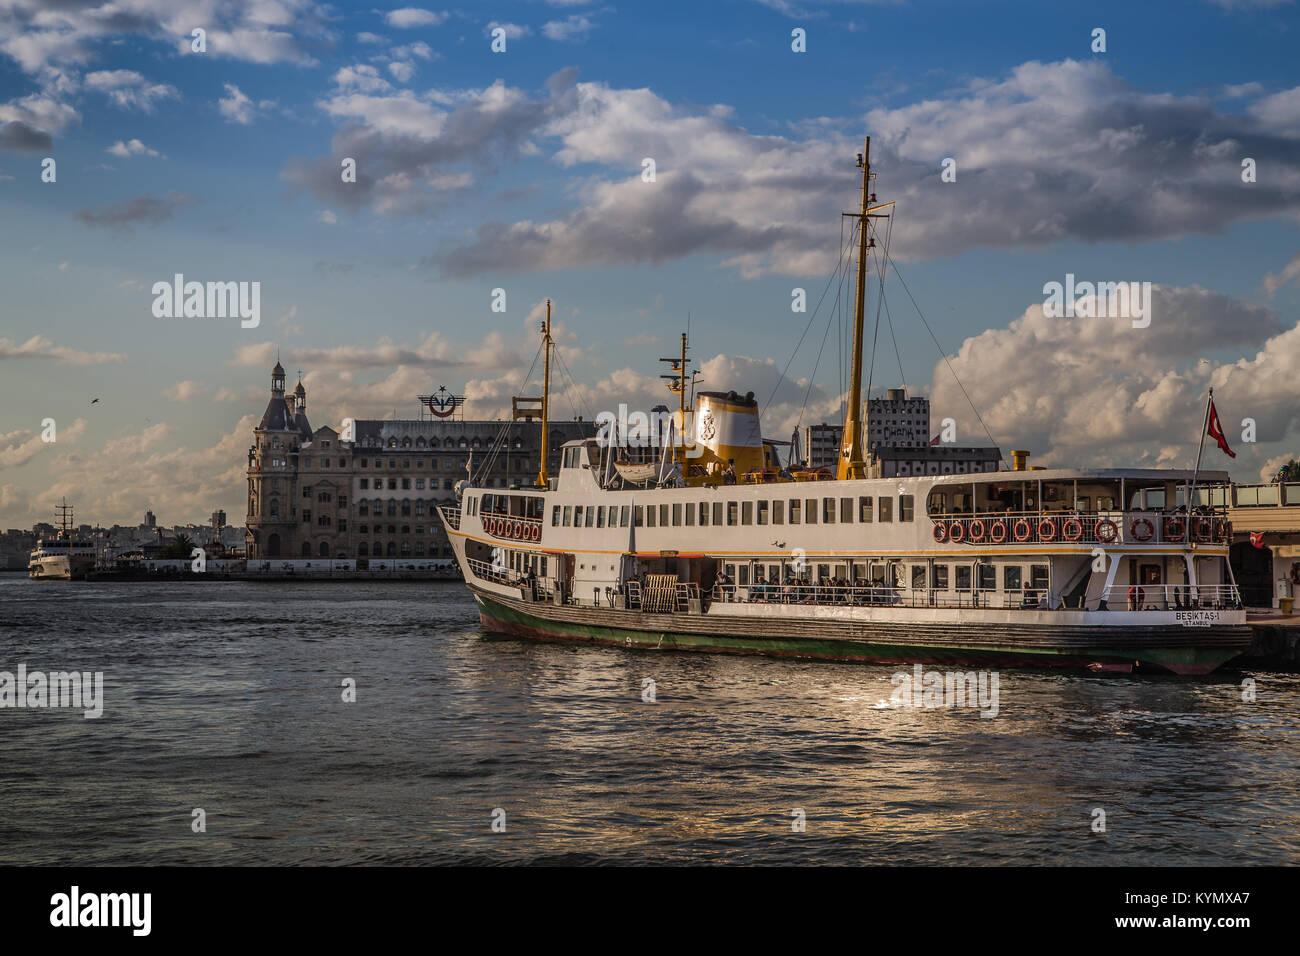 istanbul kadıköy rıhtım iskele boat - Stock Image